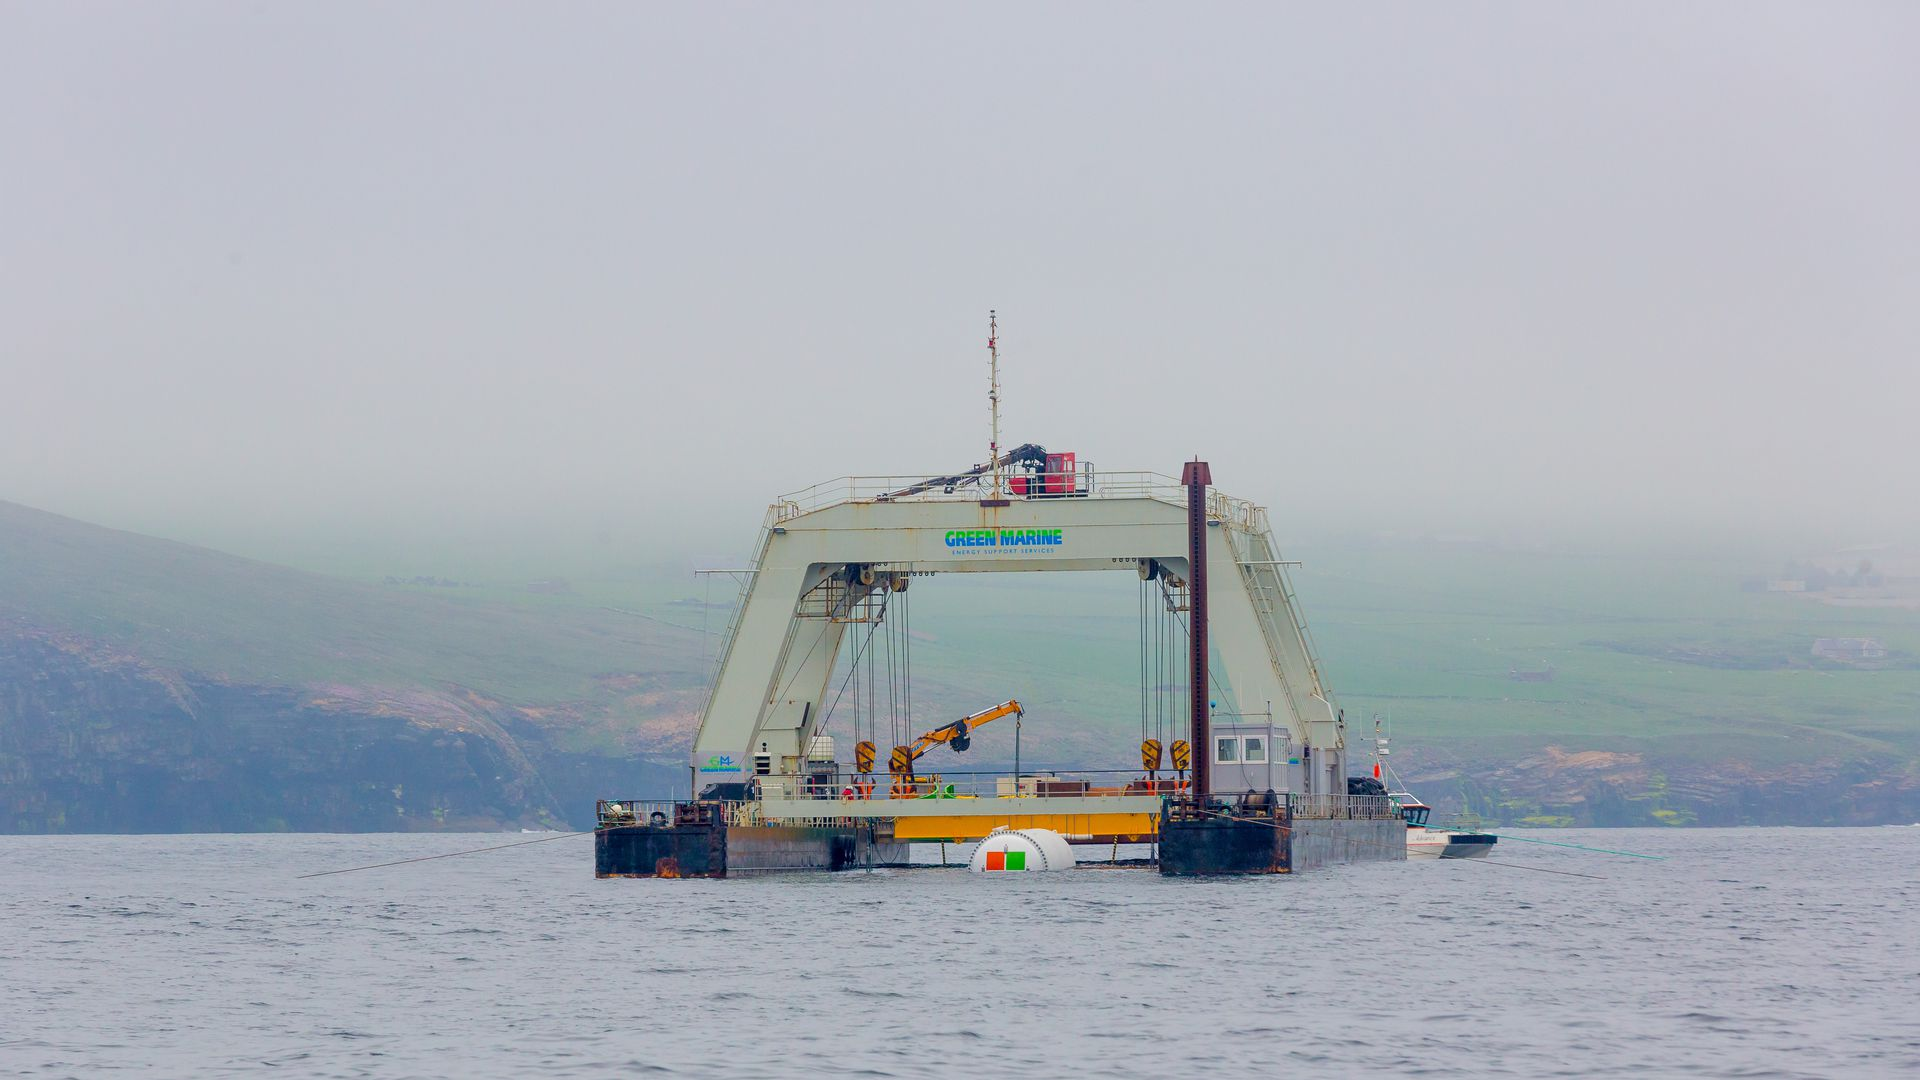 undersea data center being deployed